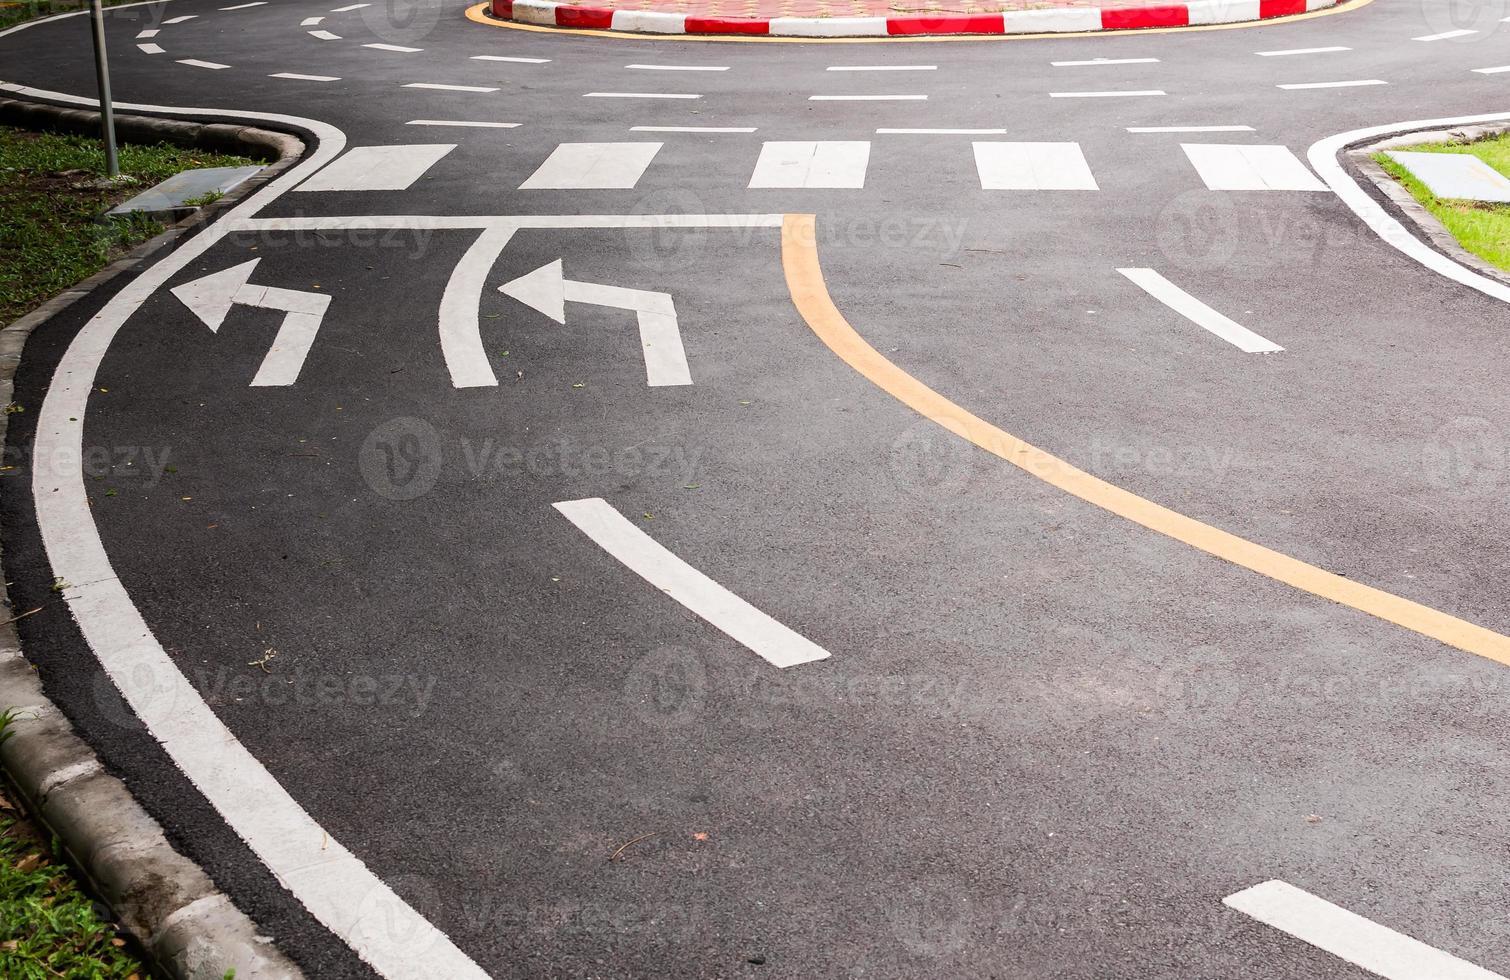 pijlsymbool op een zwart asfalt wegdek foto